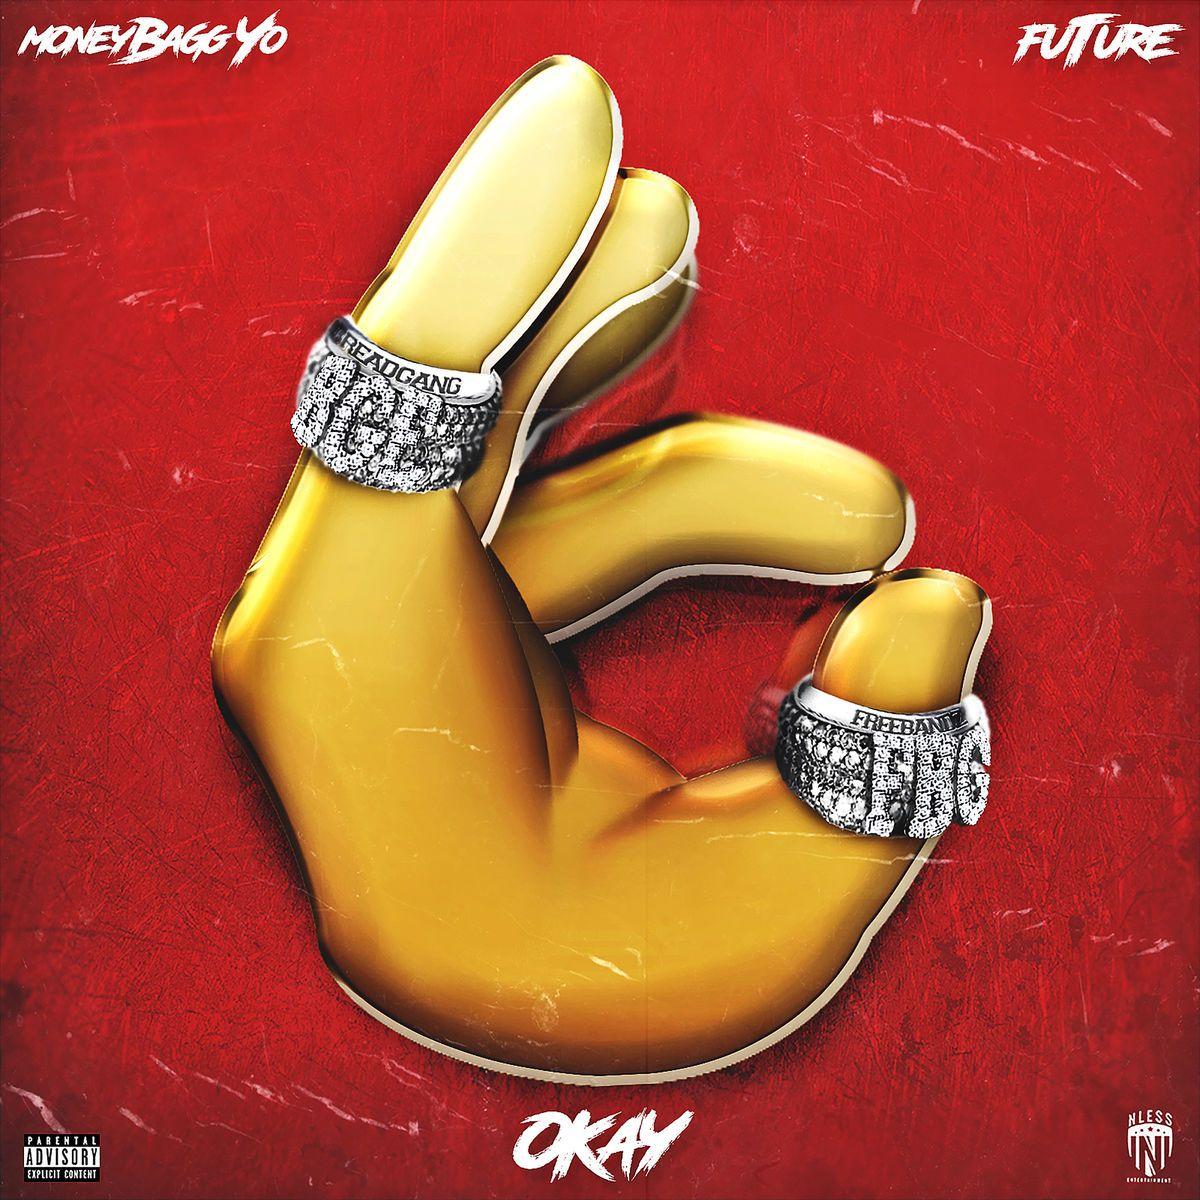 """New Music: Moneybagg Yo – """"Okay"""" (feat. Future)"""